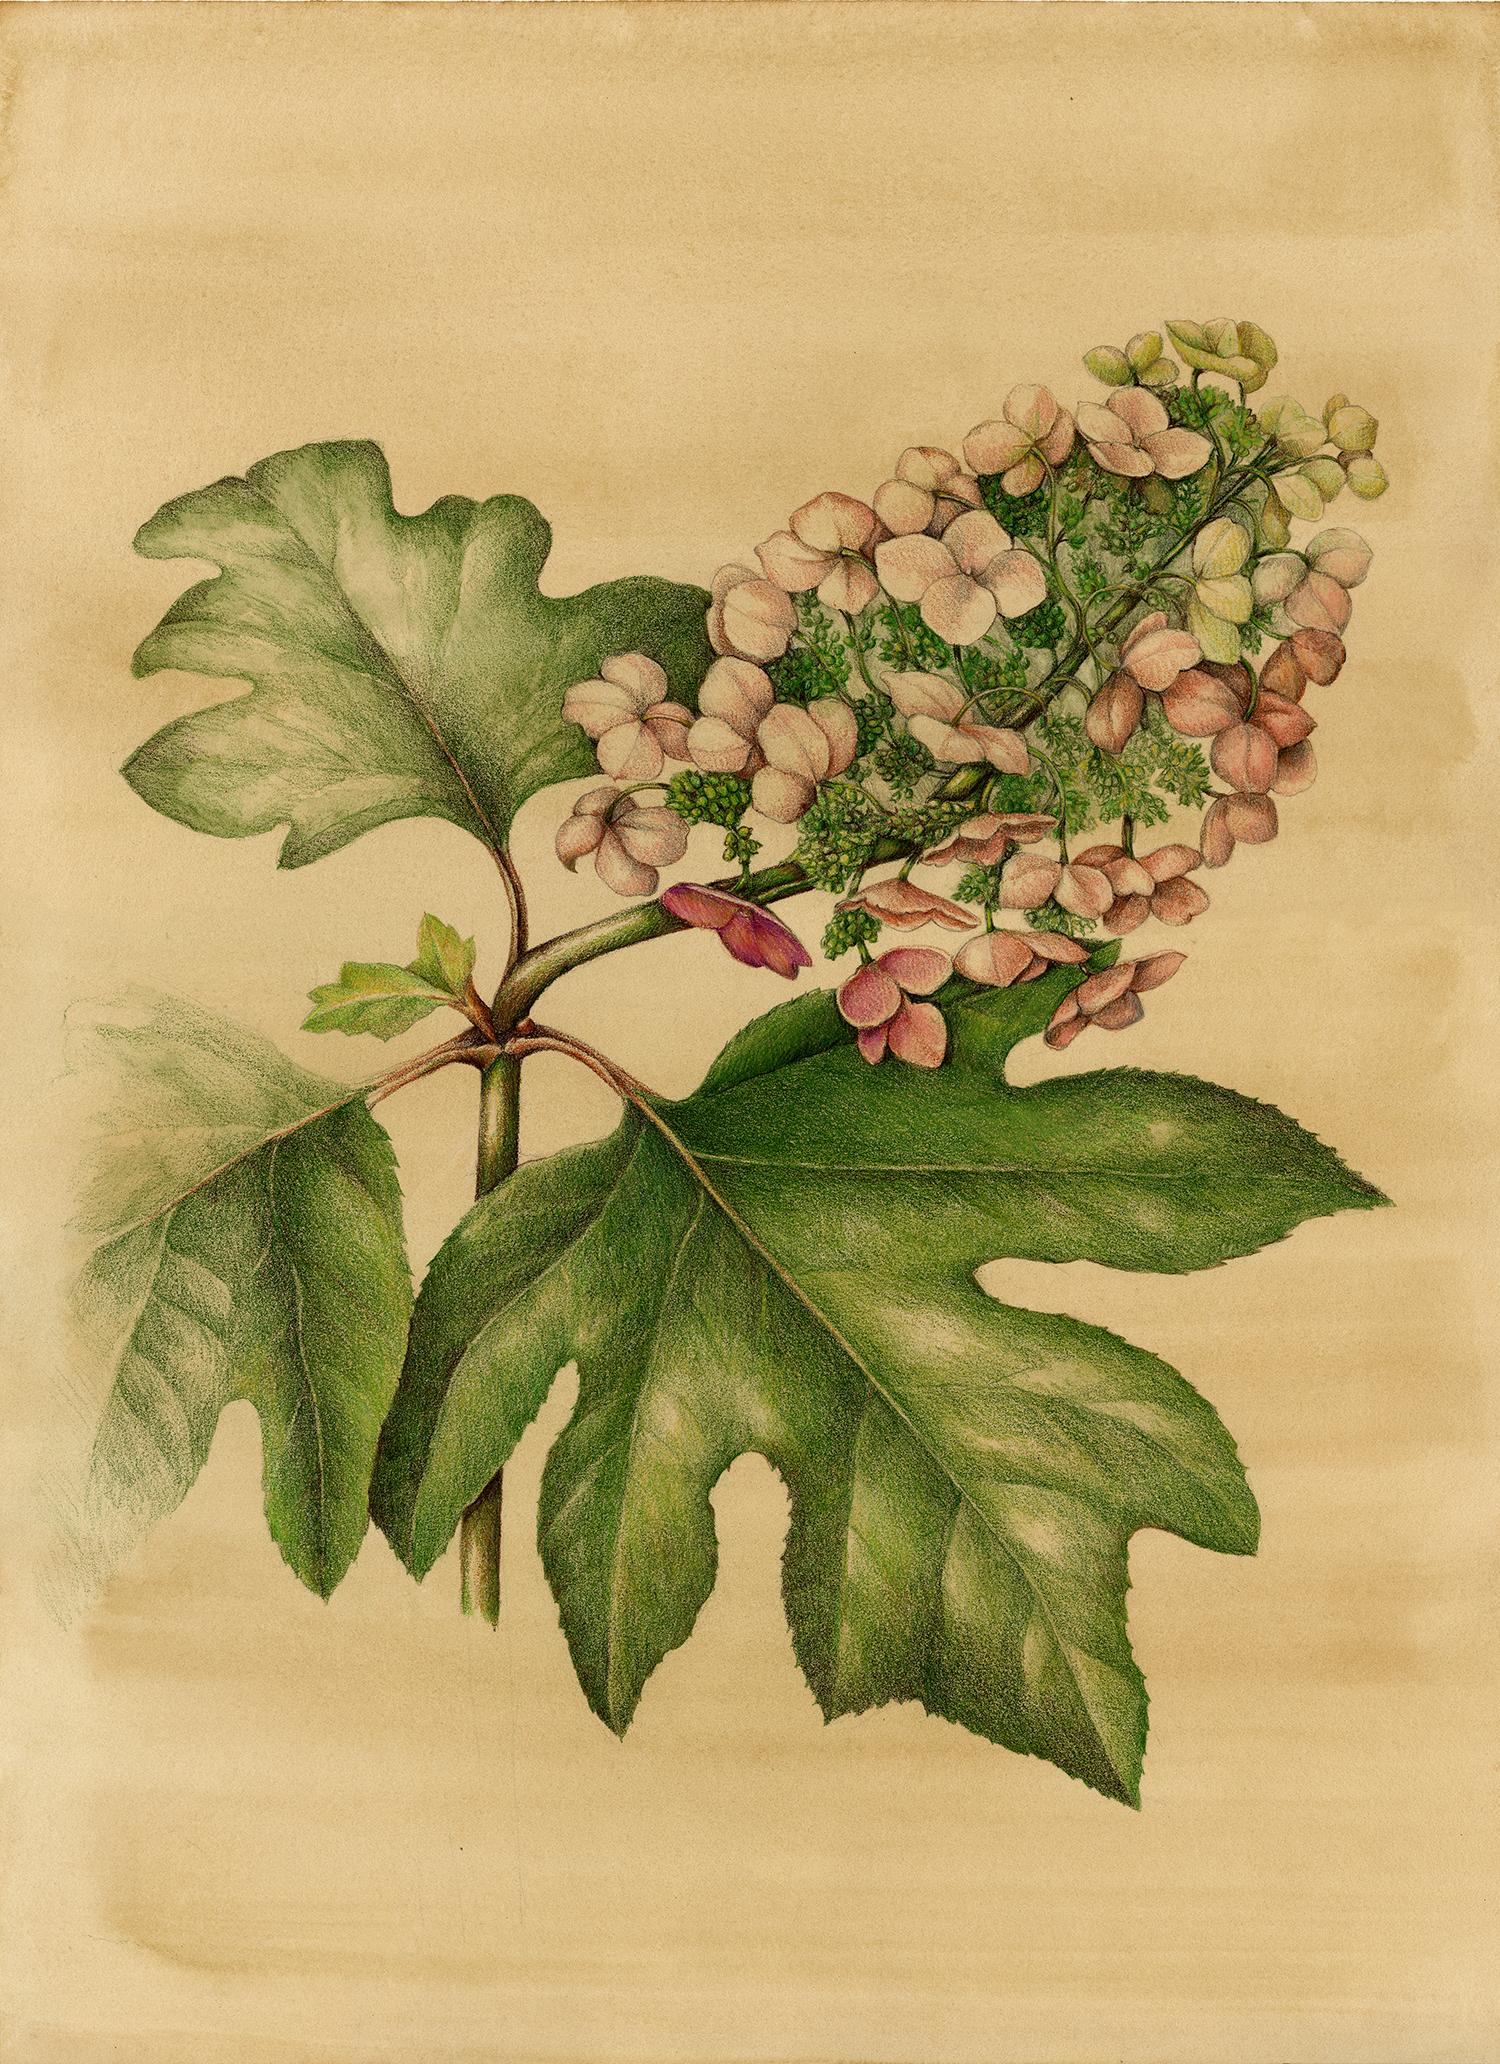 Oak Leaf Hydrangea - Hydrangea quercifolia